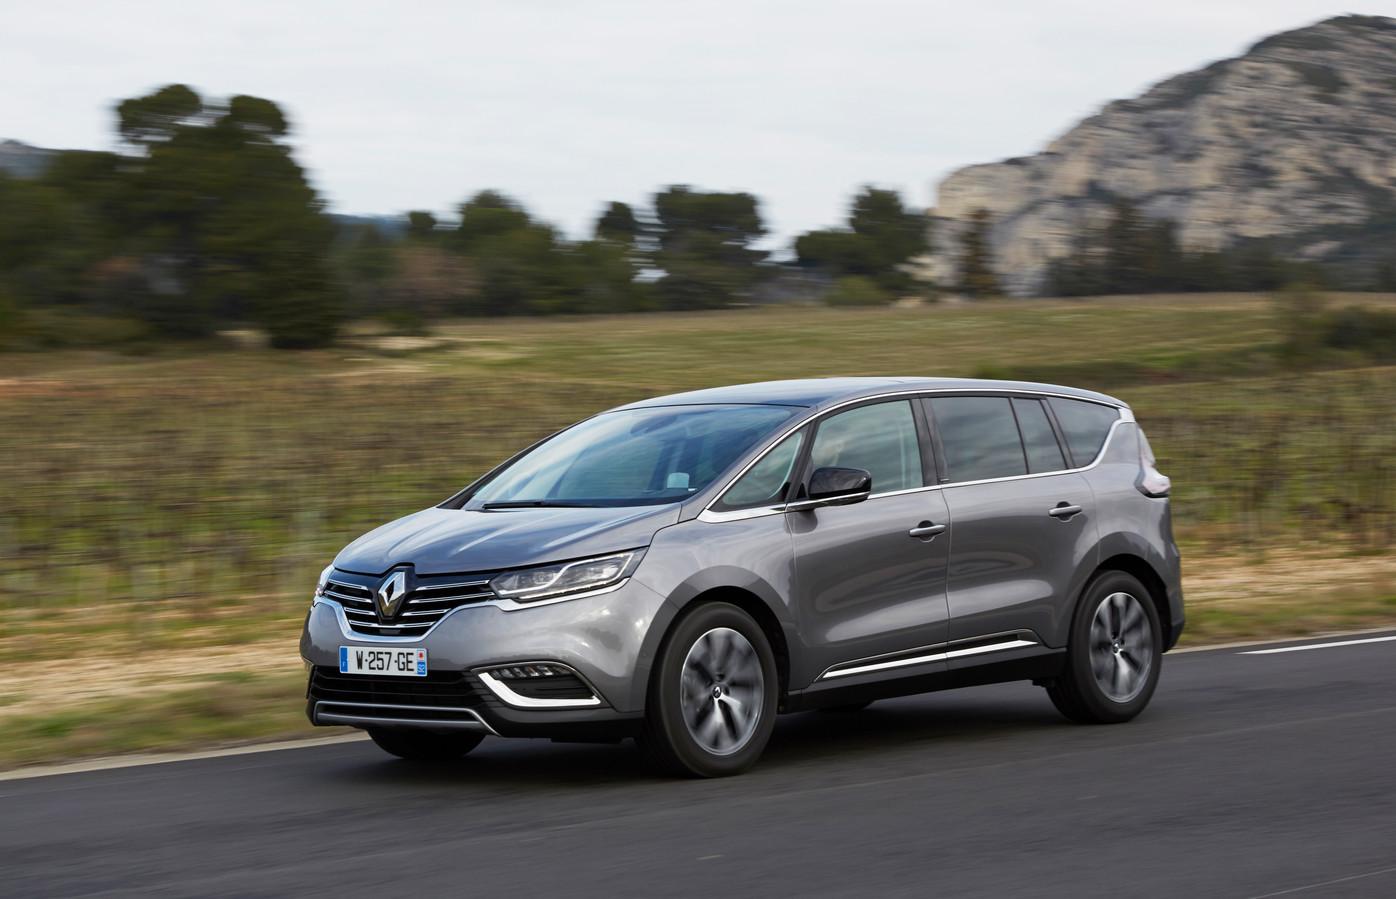 De huidige generatie van de Renault Espace, vormgegeven door de Nederlandse designchef Laurens van den Acker